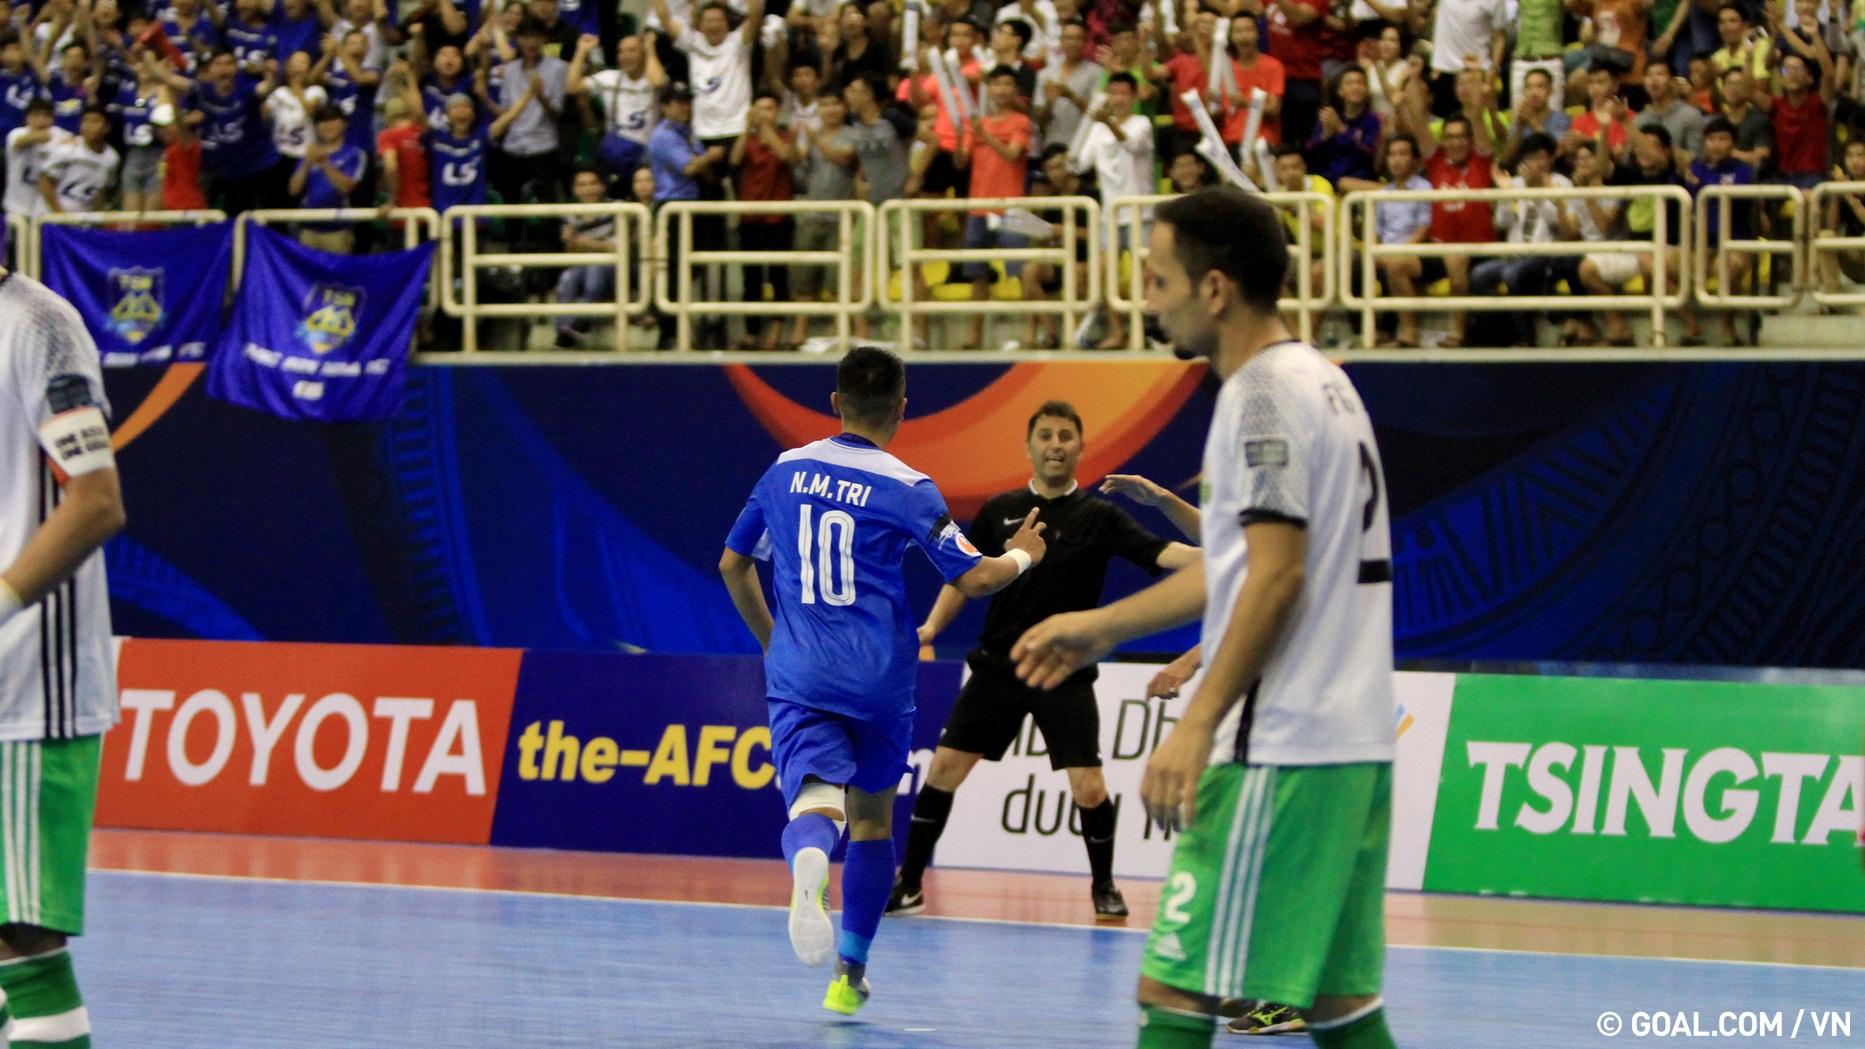 2017 AFC Futsal Club Championship | Thai Son Nam (Vietnam) 4-0 Nafit Al-Wasat (Iraq)